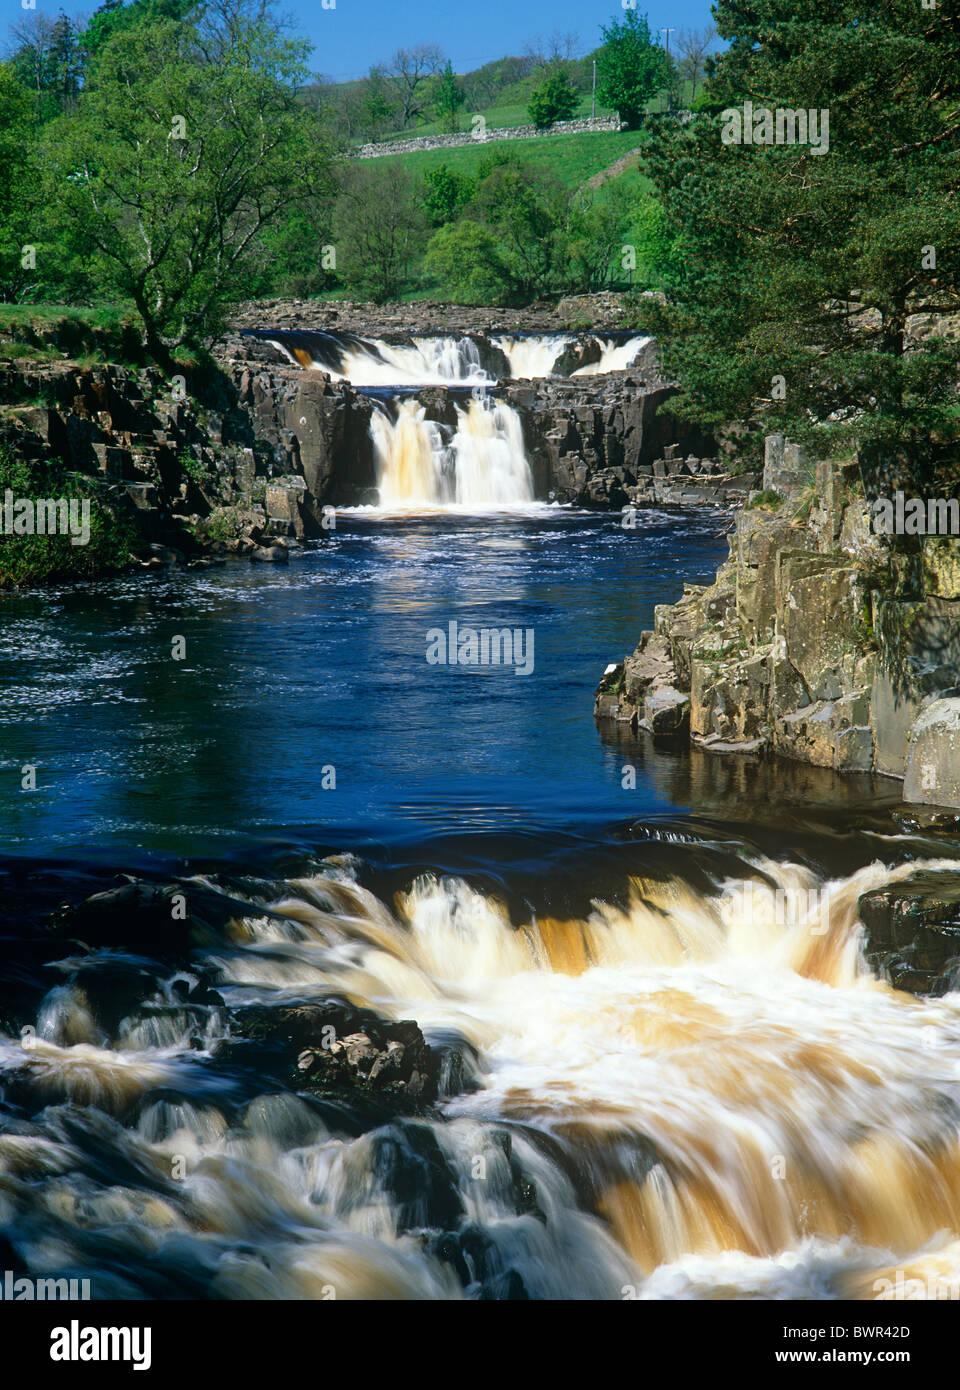 Une vue d'été de force faible chute d'eau et fleuve Tees de Teesdale, County Durham Photo Stock